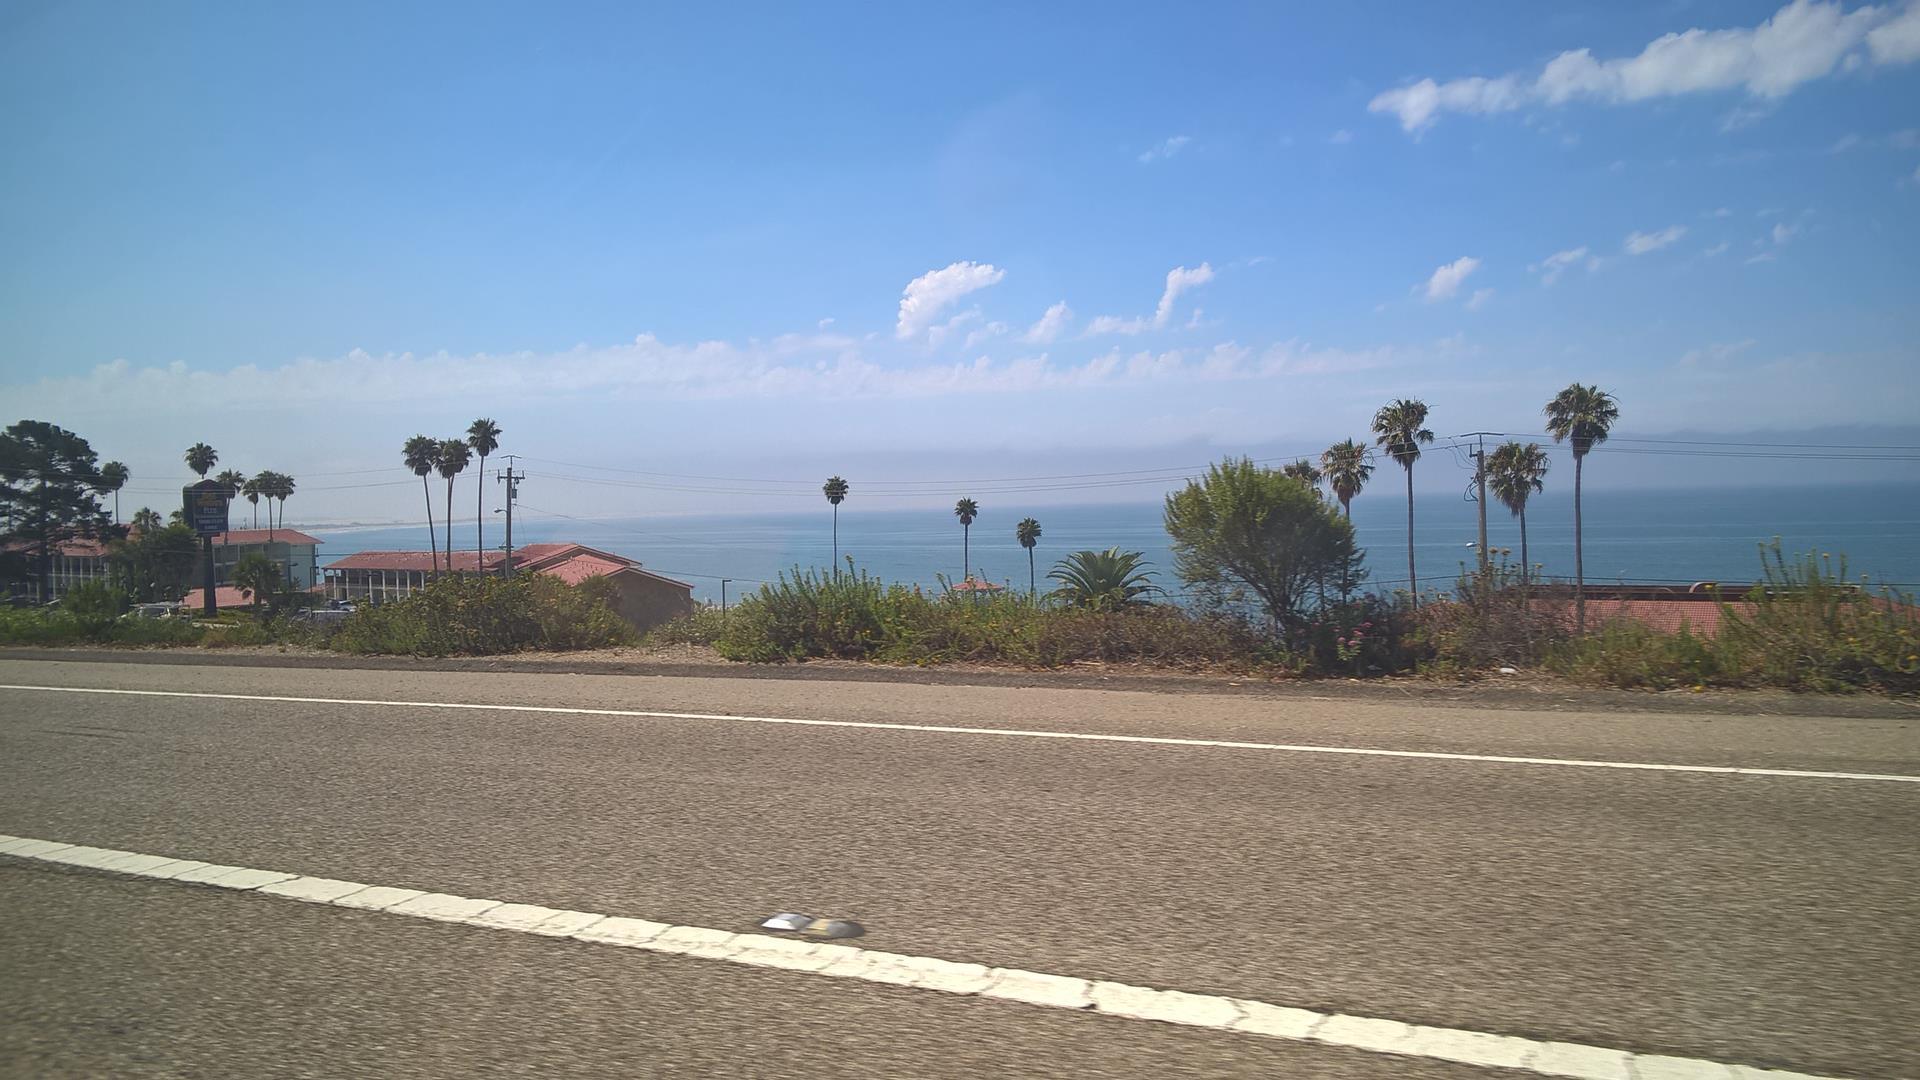 Auf dem Highway kurz vor Pismo Beach